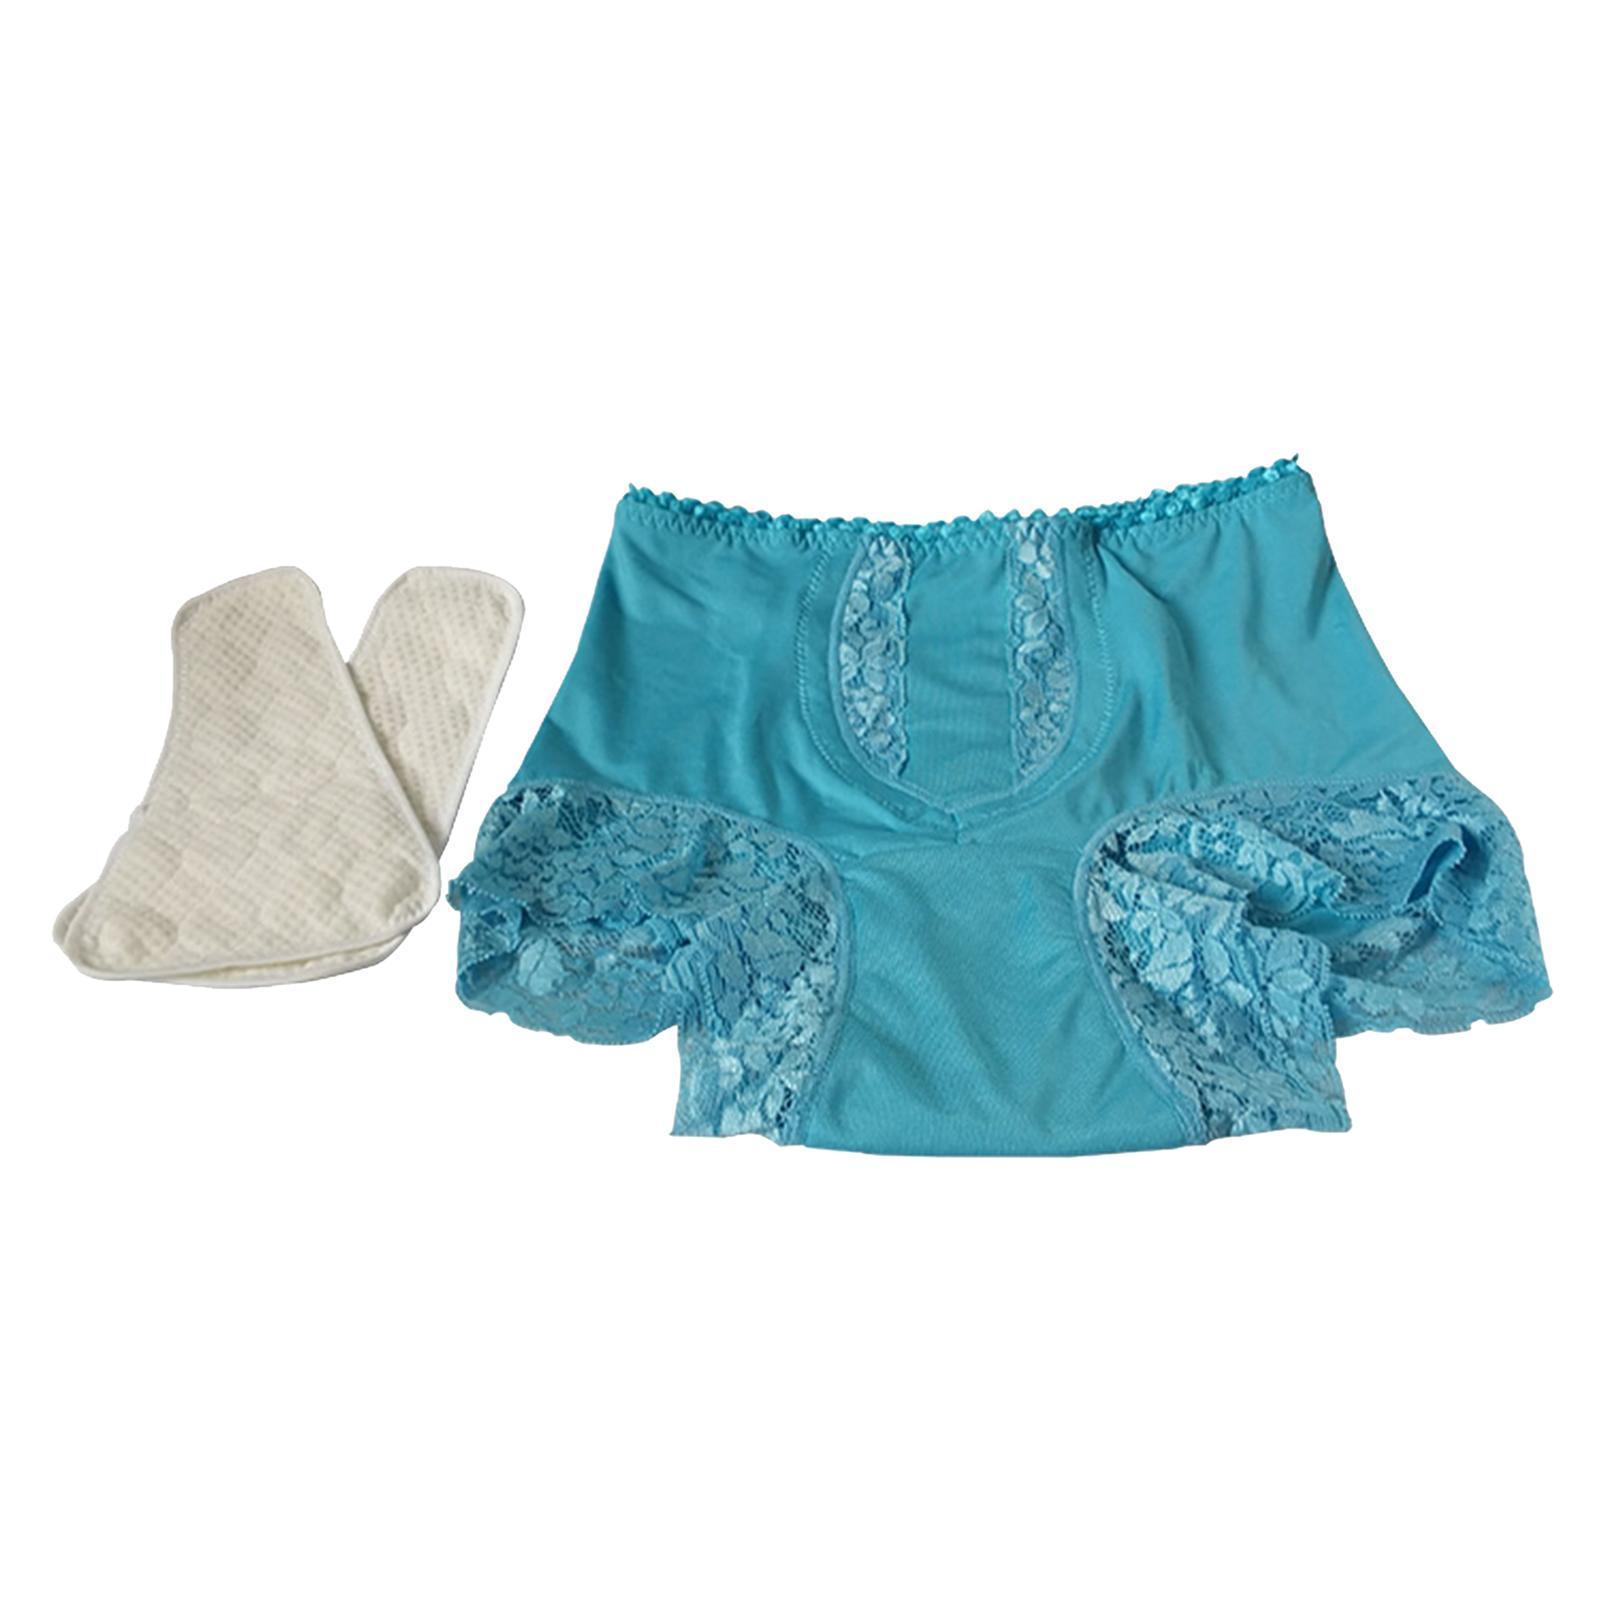 Indexbild 38 - Wiederverwendbare Inkontinenz Unterwäsche mit Pad für Frauen Menstruations